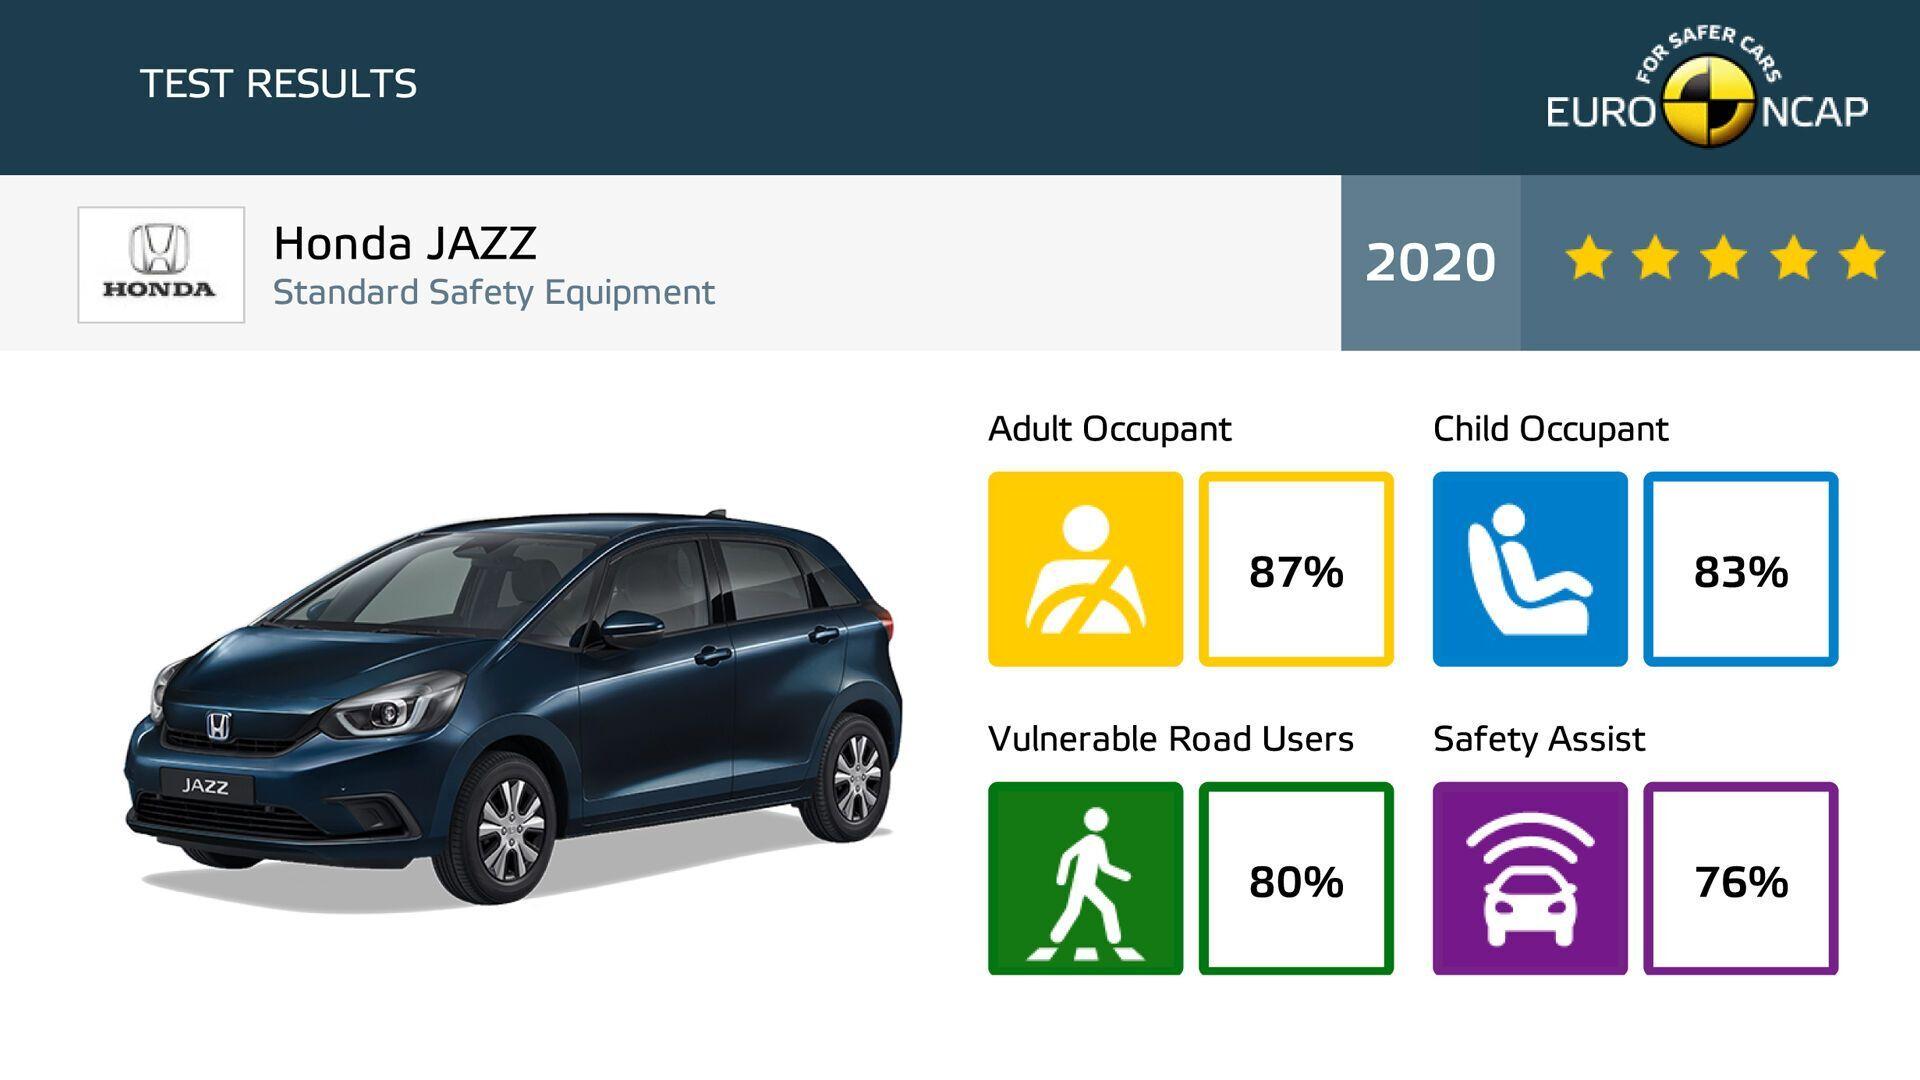 Результаты рейтинга Honda Jazz по итогам тестов Euro NCAP